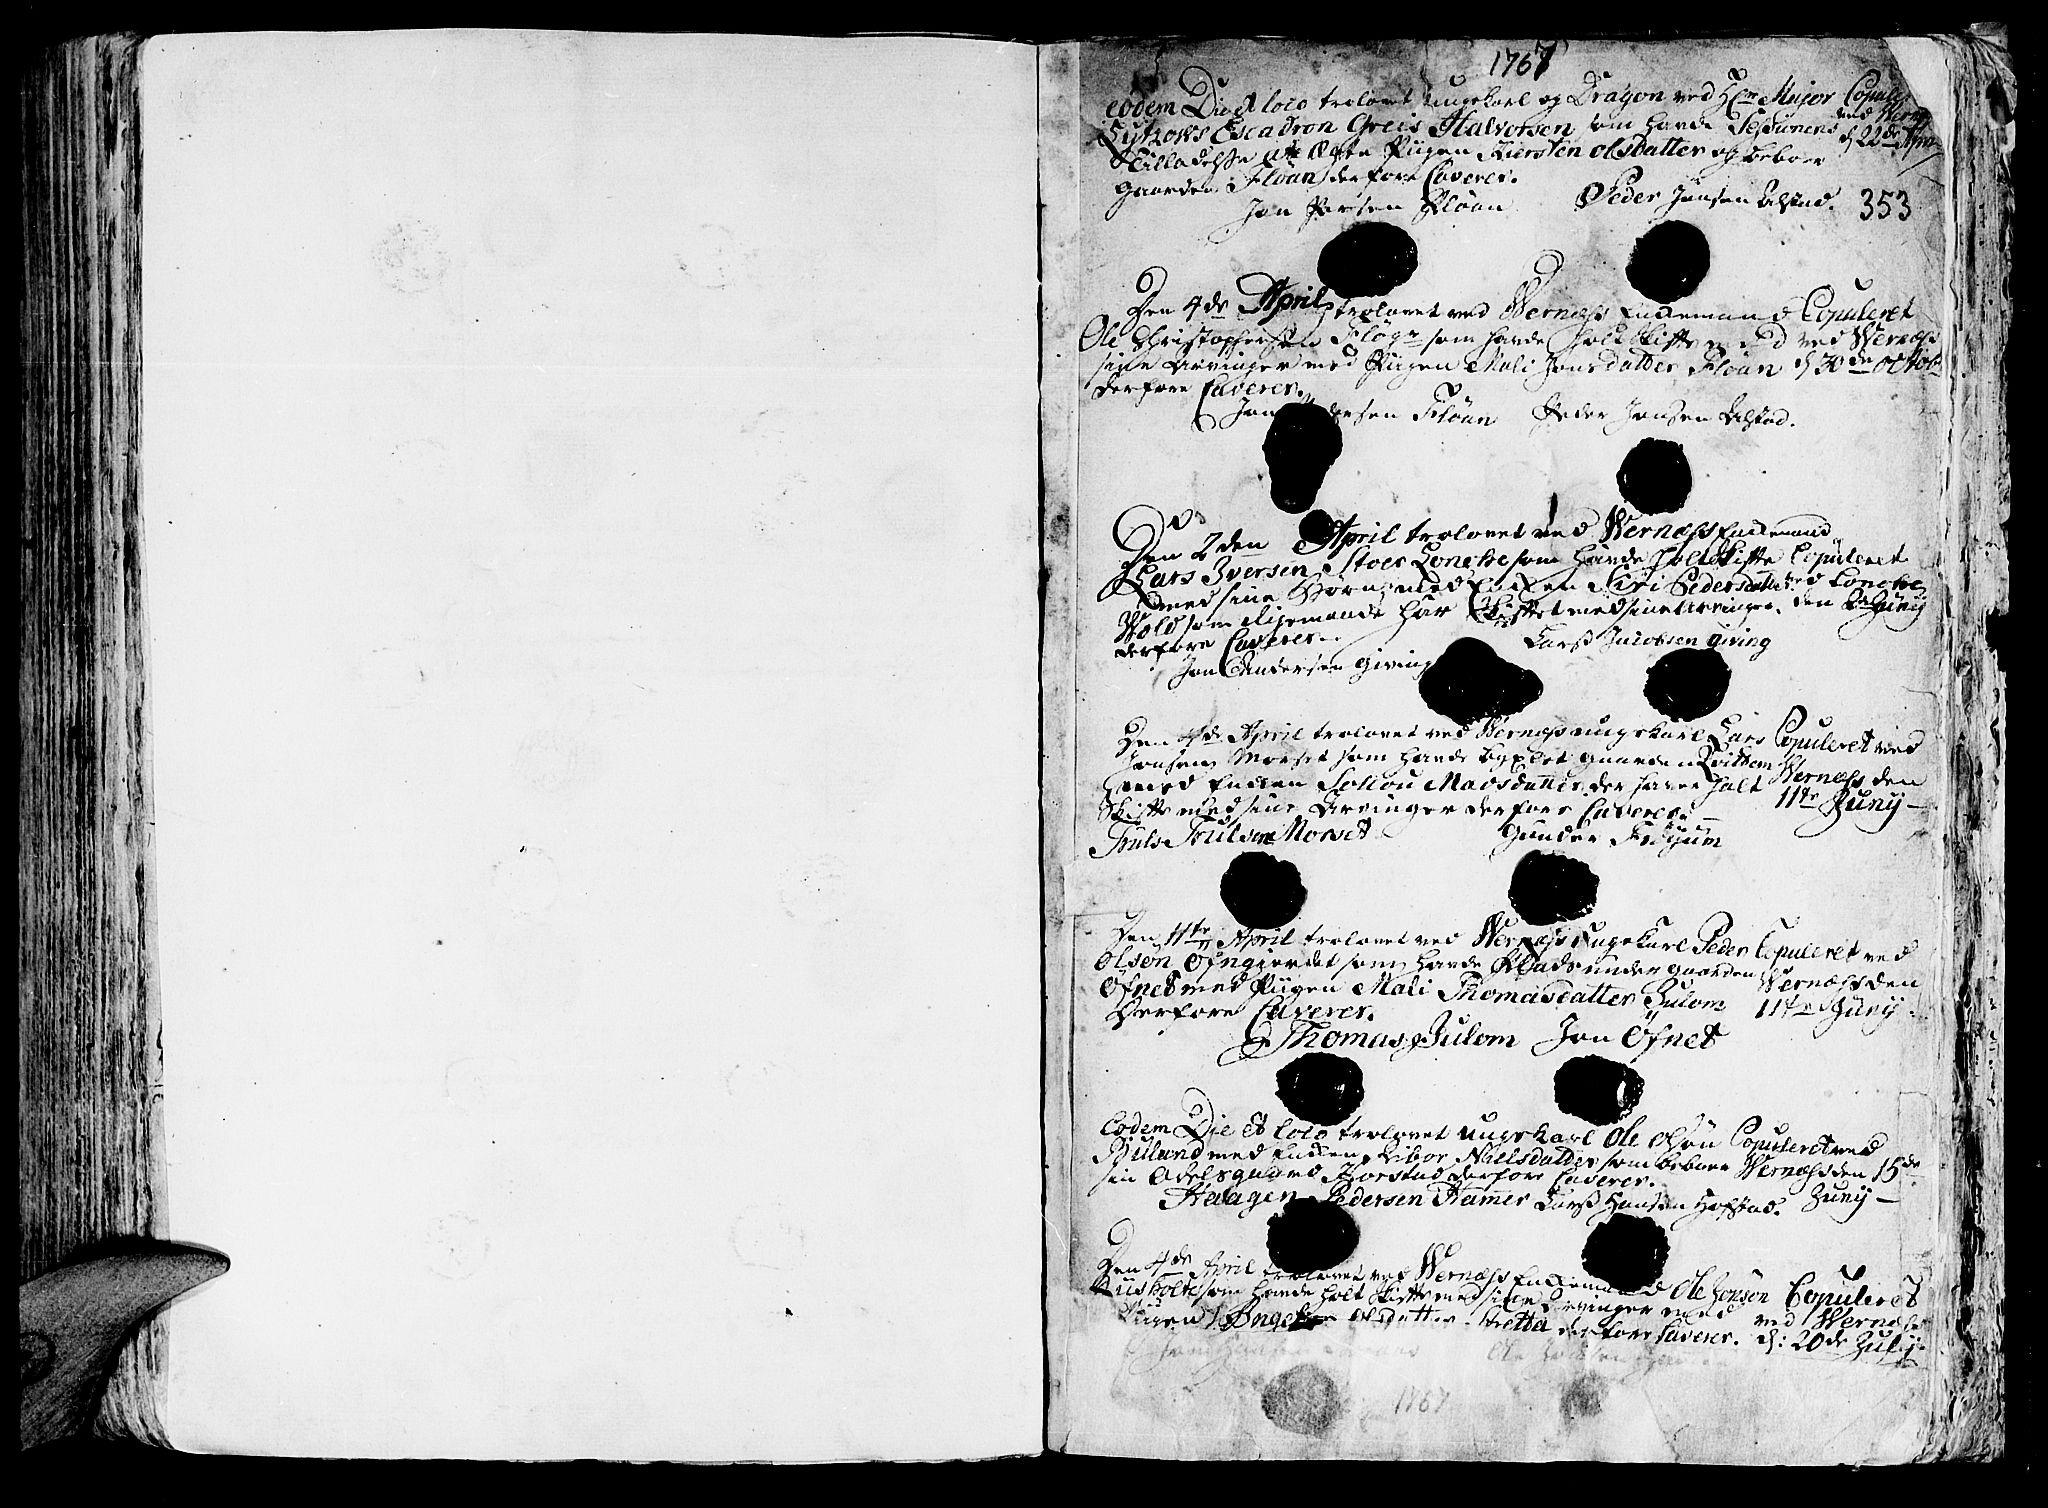 SAT, Ministerialprotokoller, klokkerbøker og fødselsregistre - Nord-Trøndelag, 709/L0057: Ministerialbok nr. 709A05, 1755-1780, s. 353